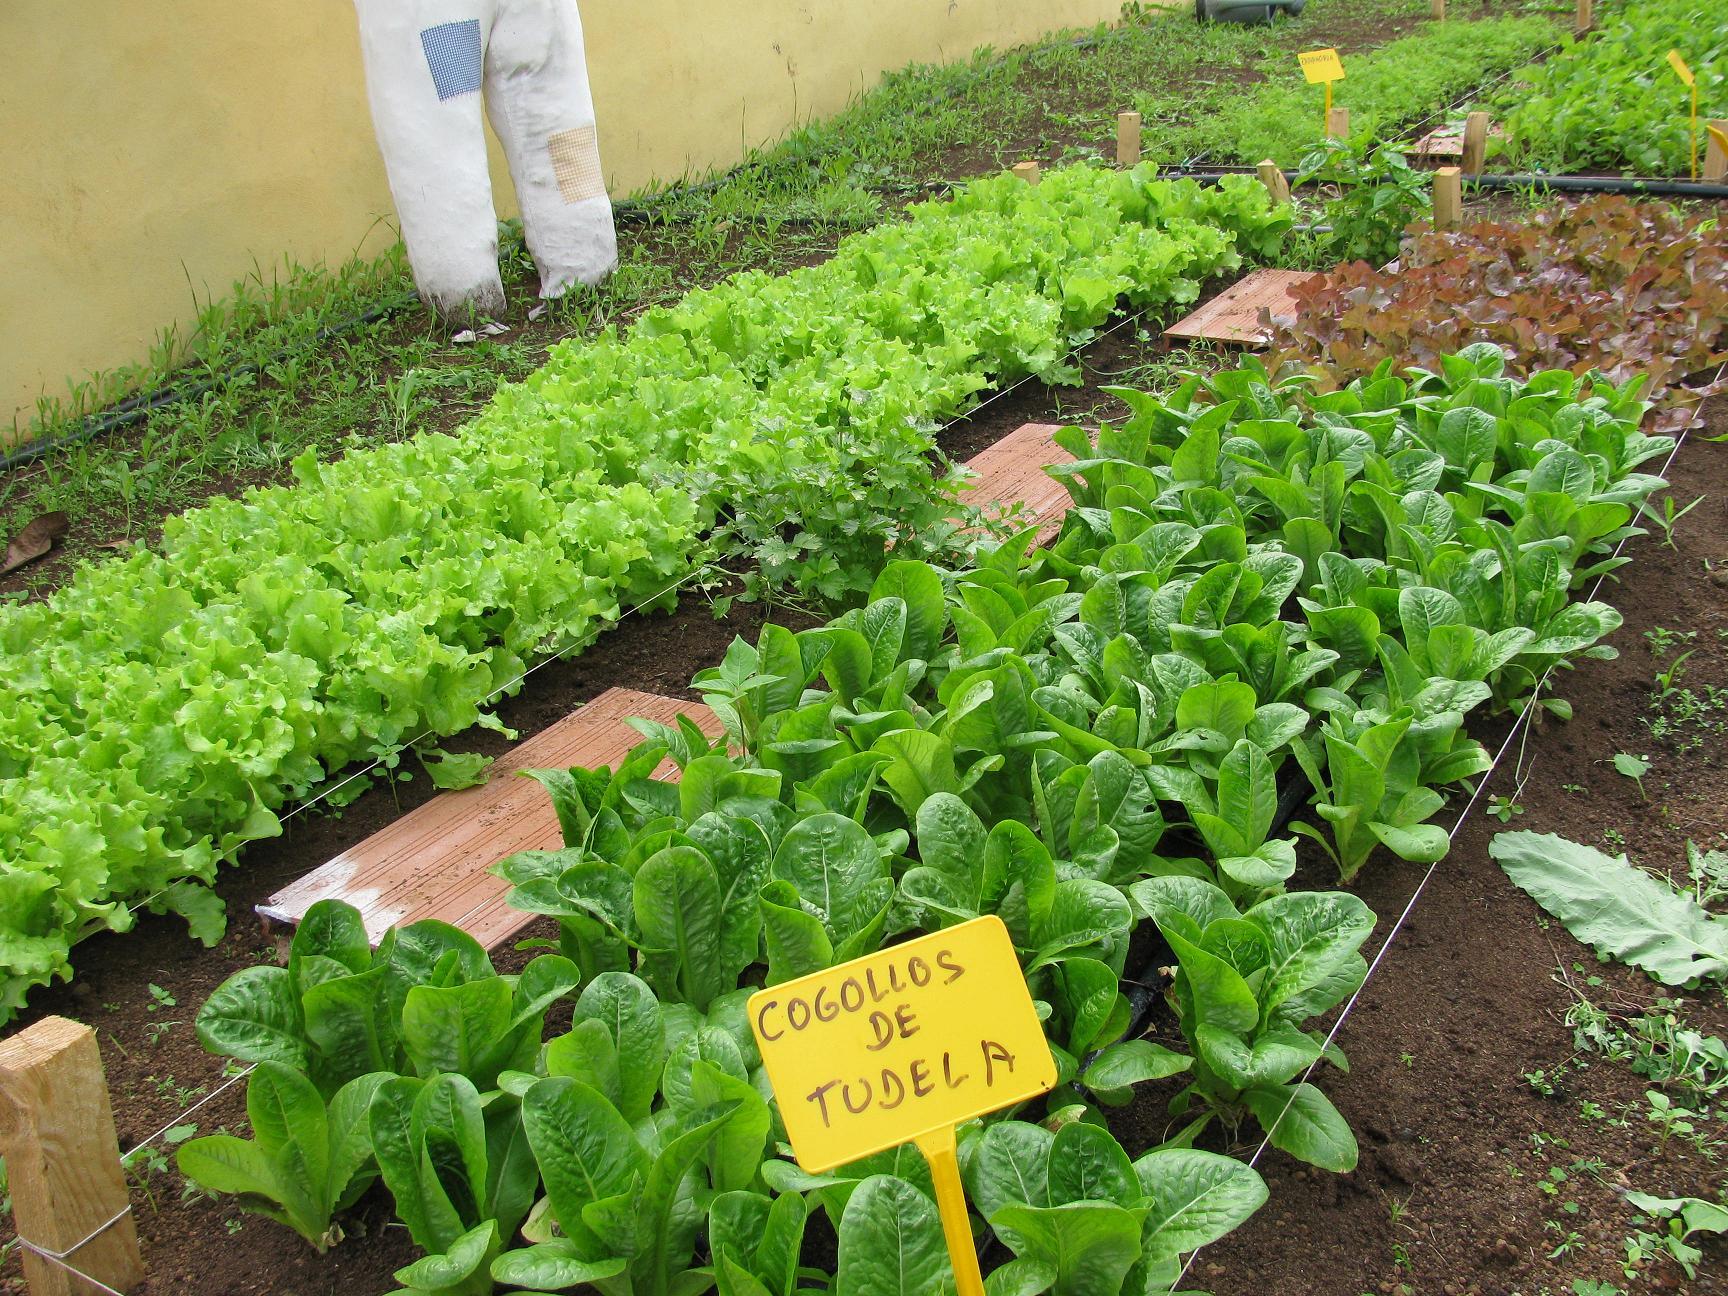 Ceiplopedeguerra licensed for non commercial use only for Que plantas se siembran en un huerto